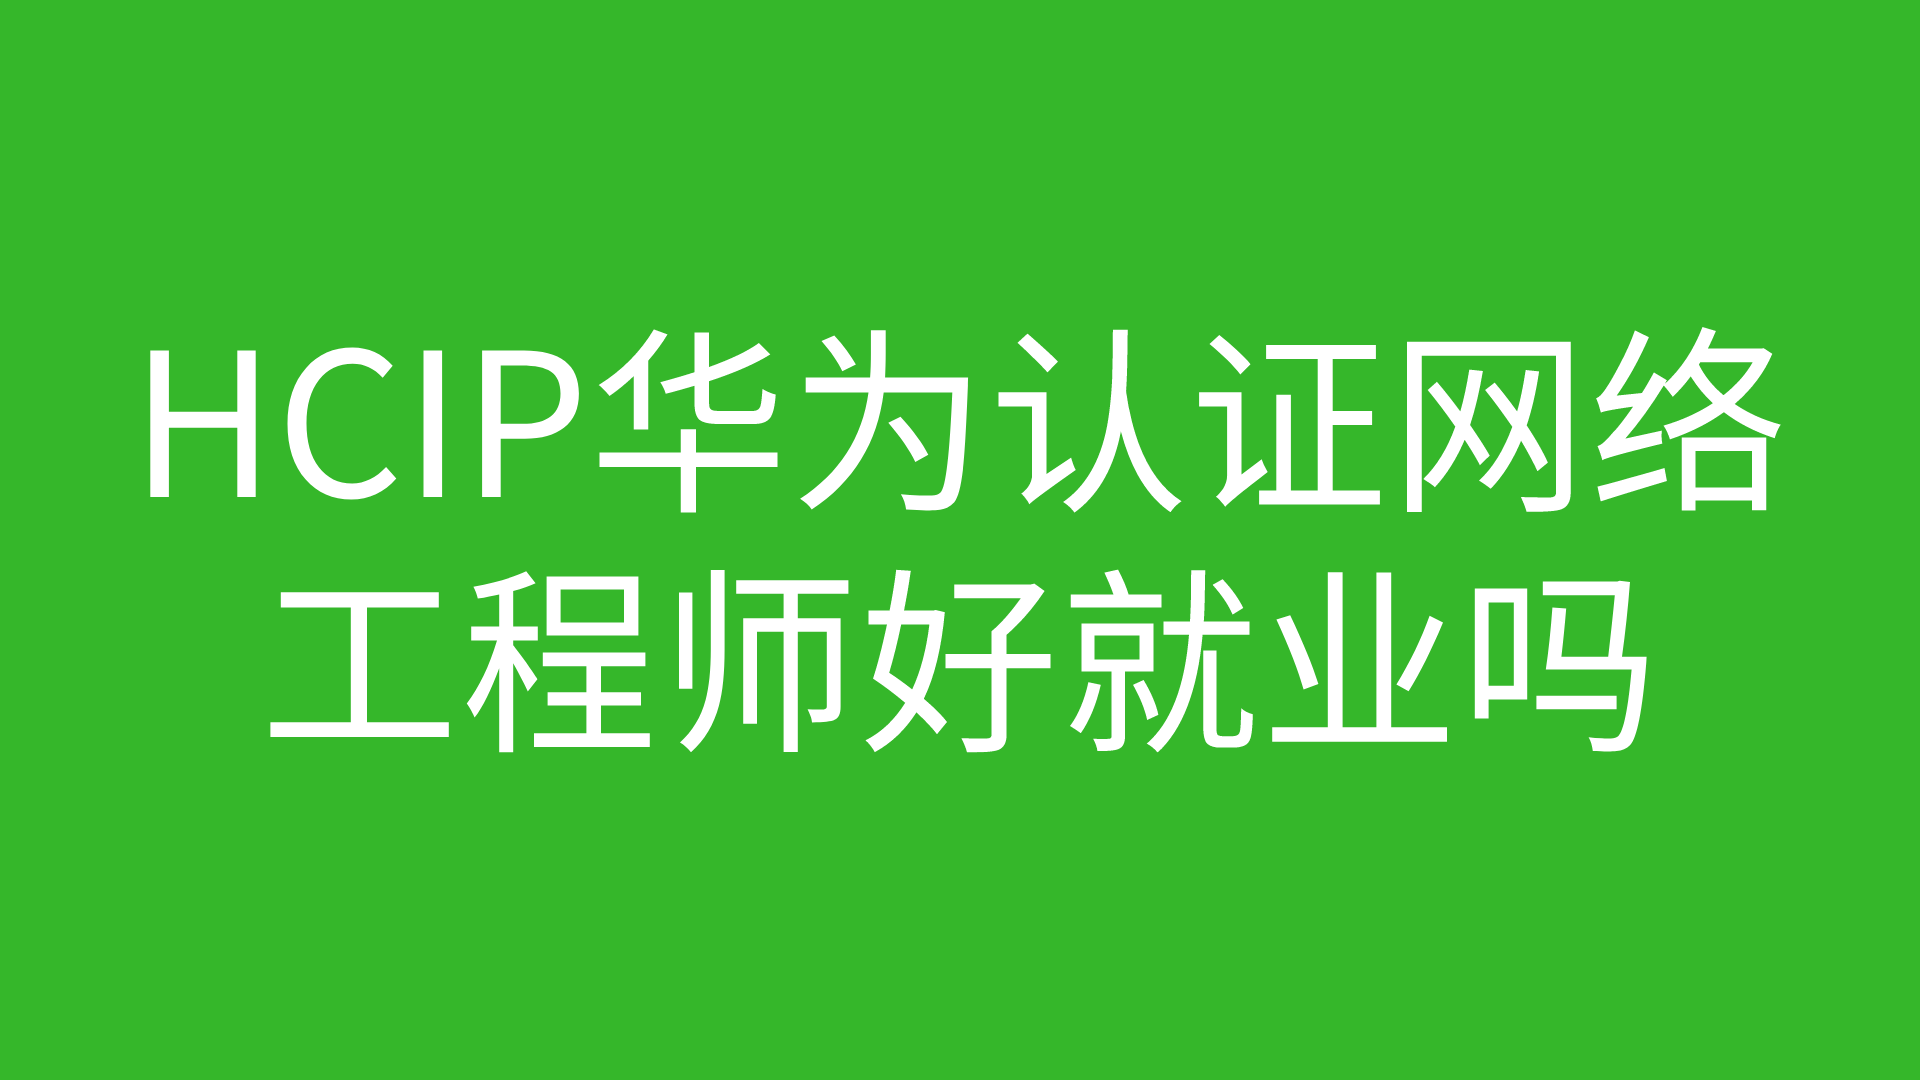 HCIP华为认证网络工程师好就业吗